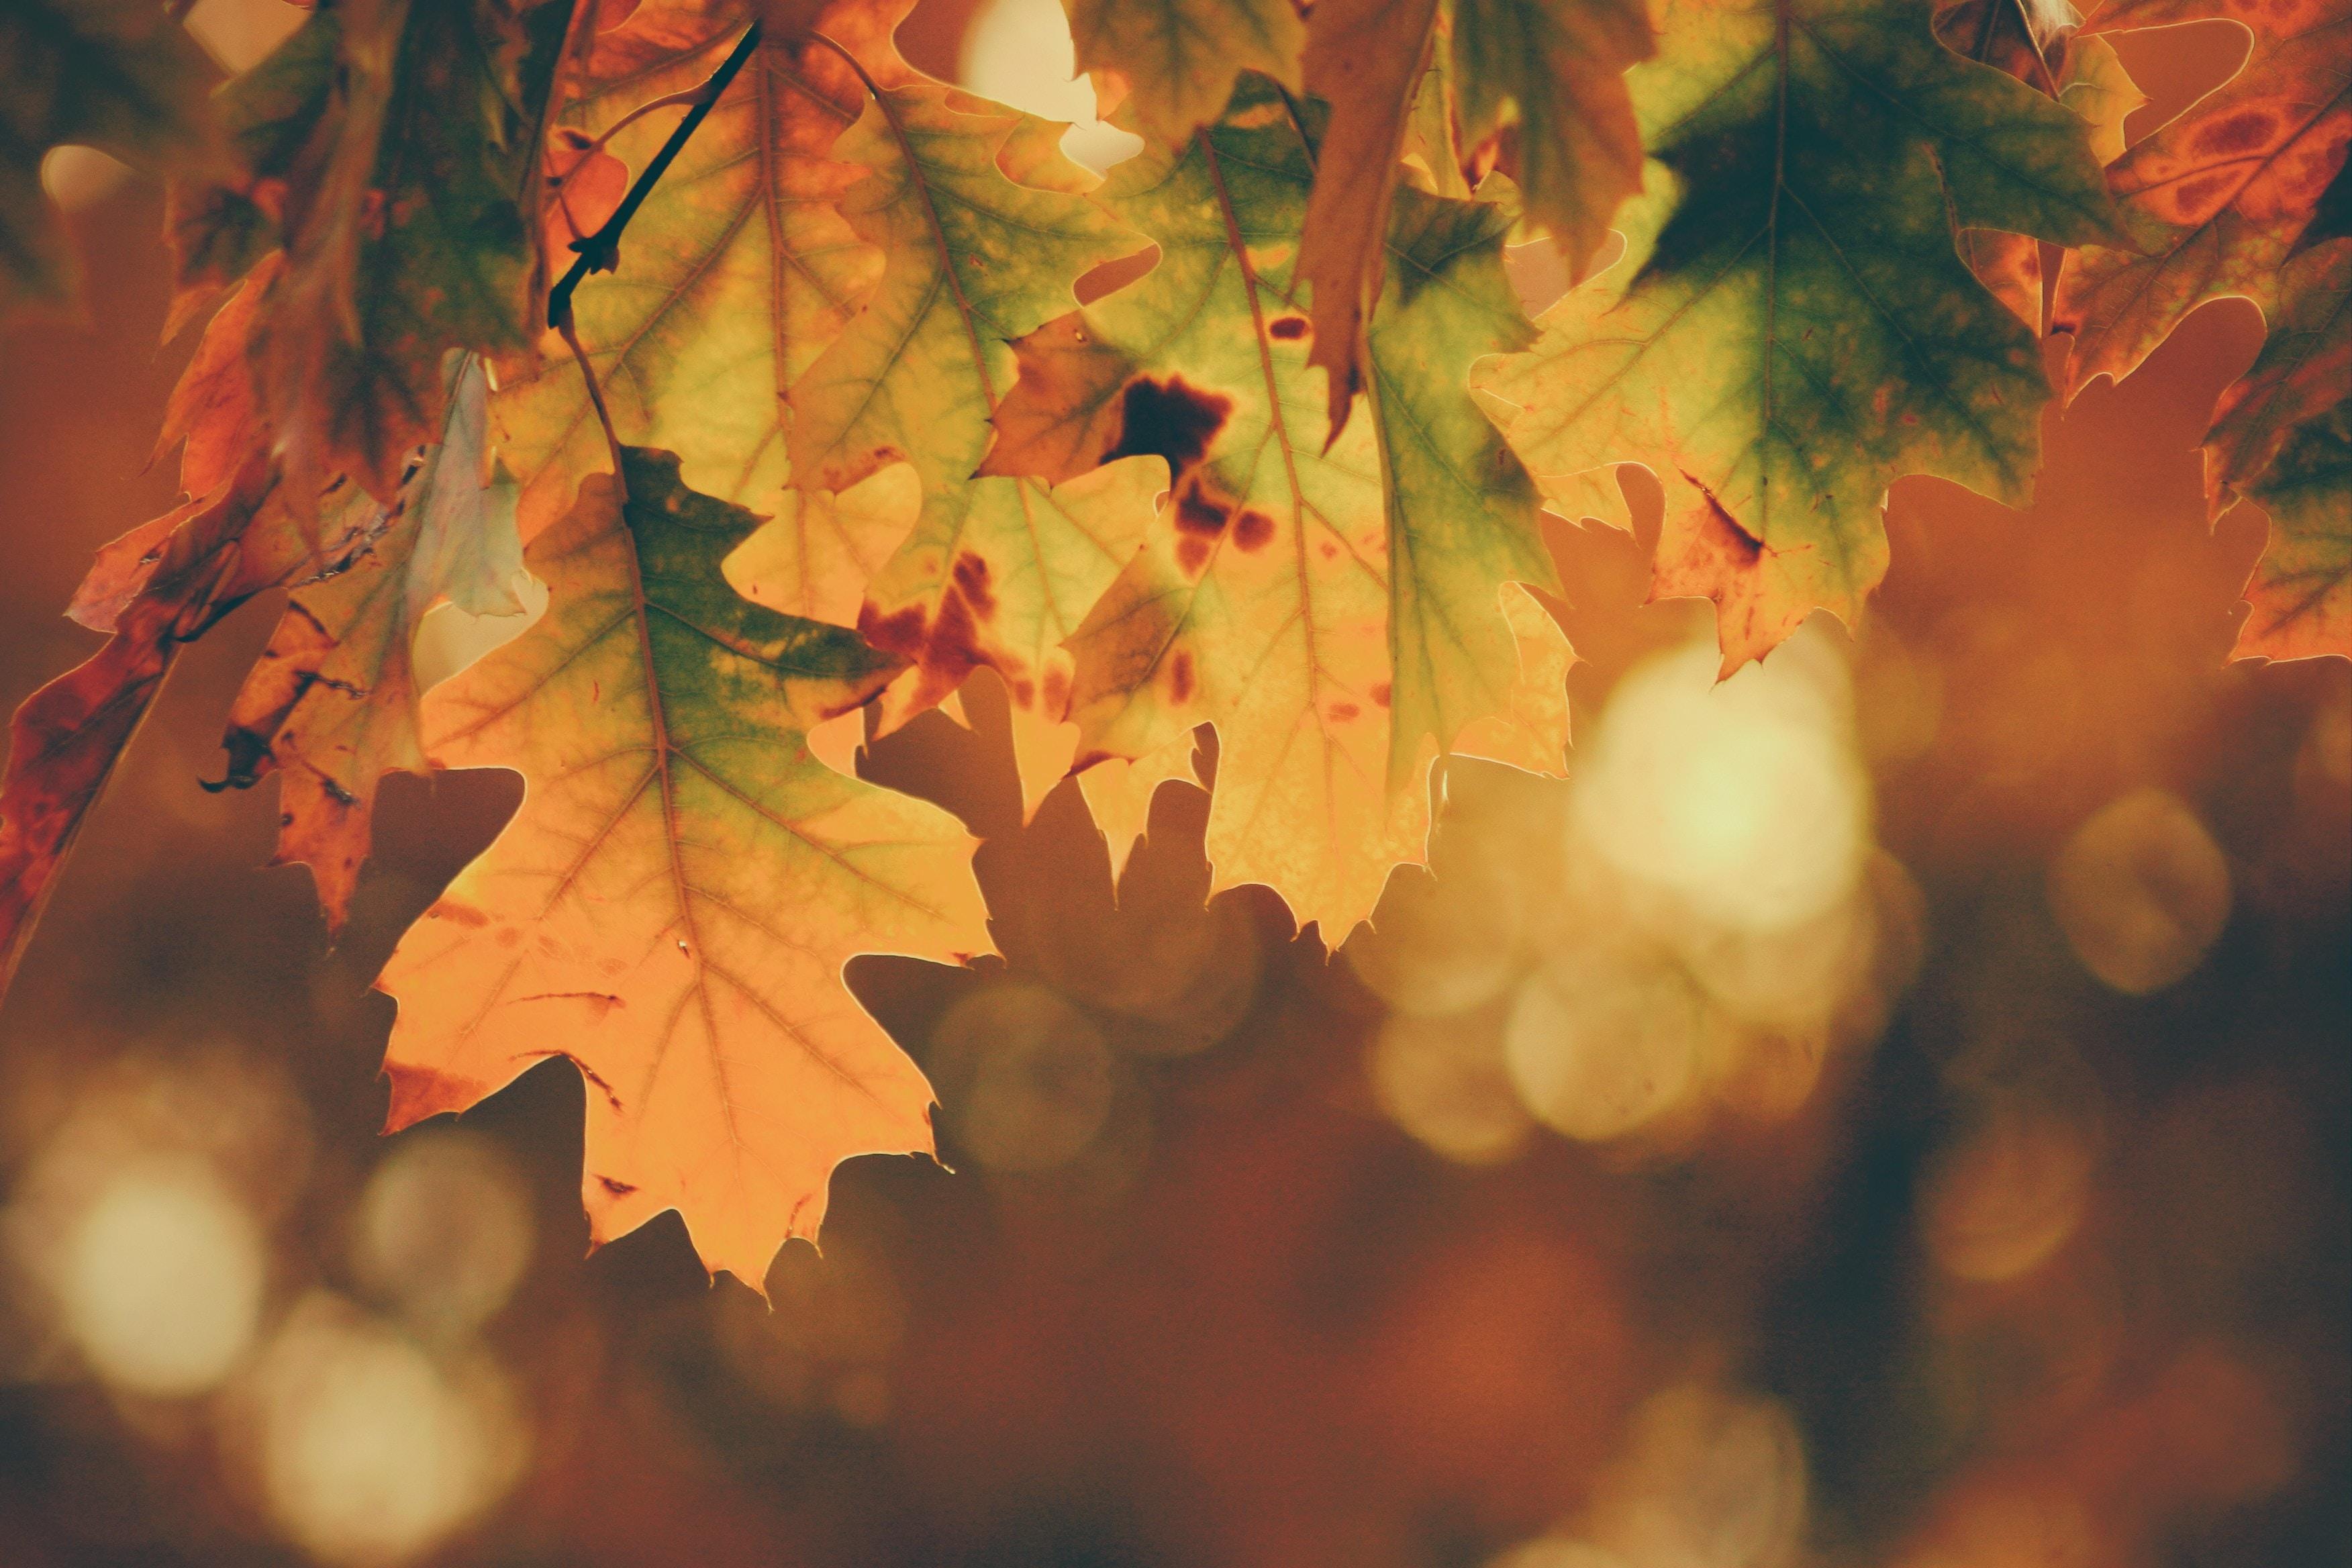 28η Οκτωβρίου: 5 ιδανικοί προορισμοί για απόδραση το τριήμερο